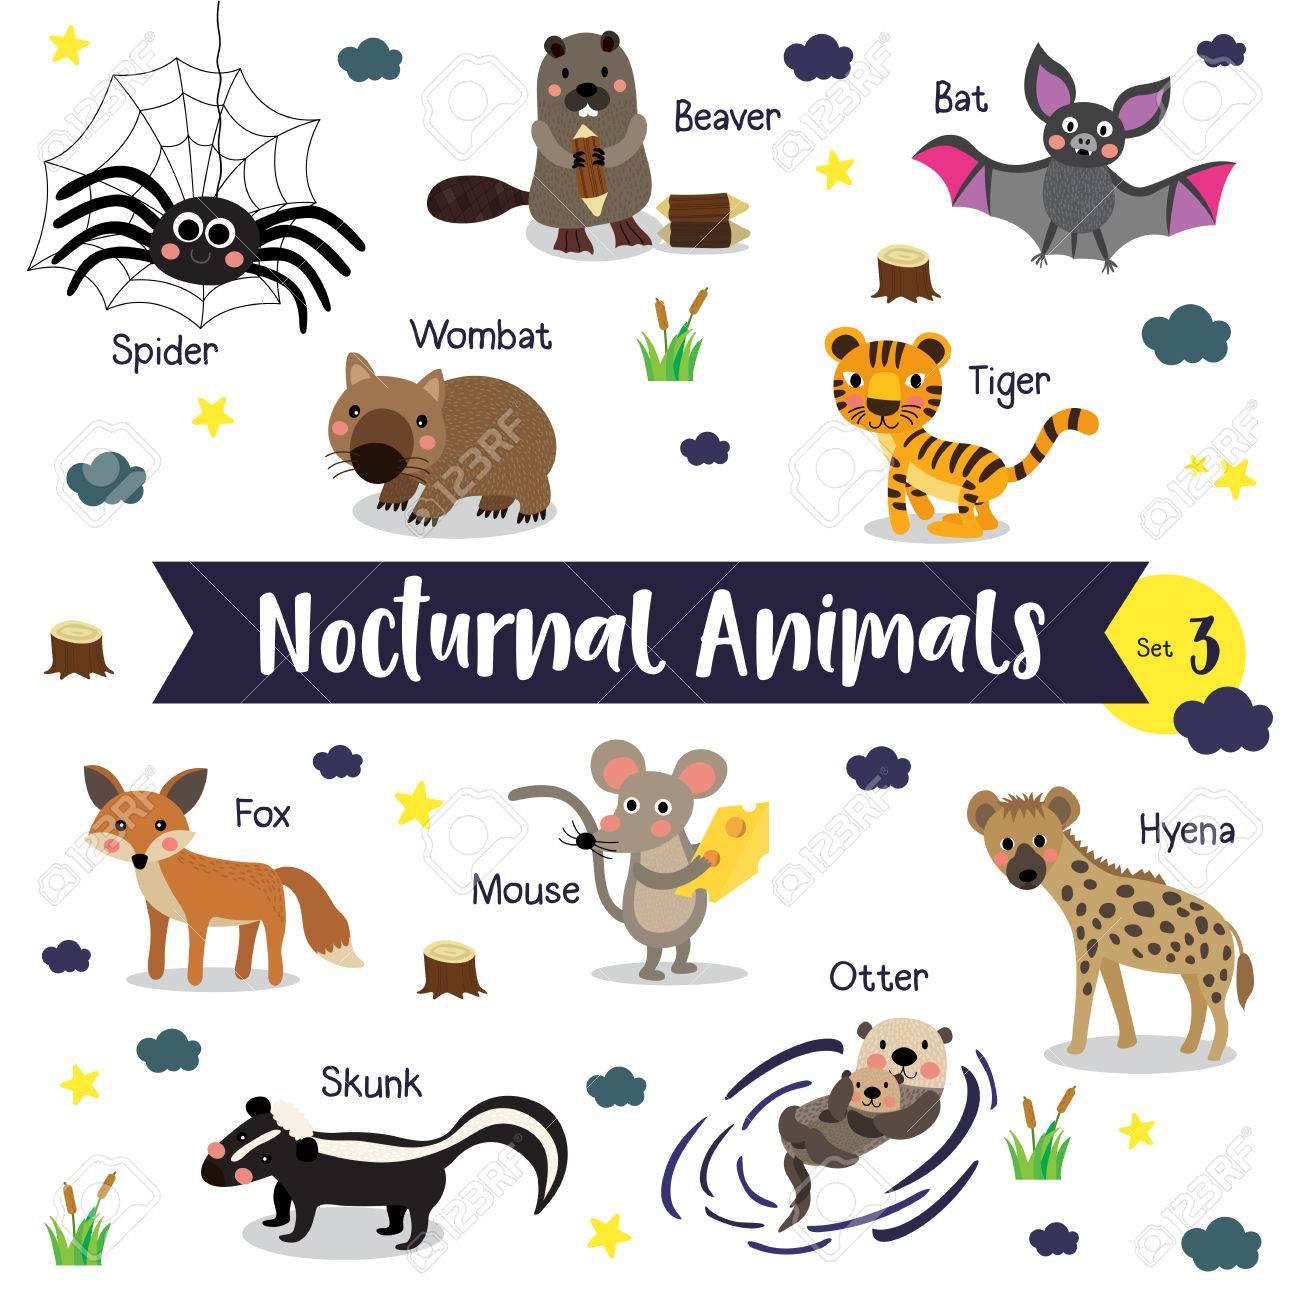 Dessins Animé D'animaux Nocturne Sur Fond Blanc Avec Le Nom D'animal.  Ensemble 3. avec Apprendre Le Nom Des Animaux